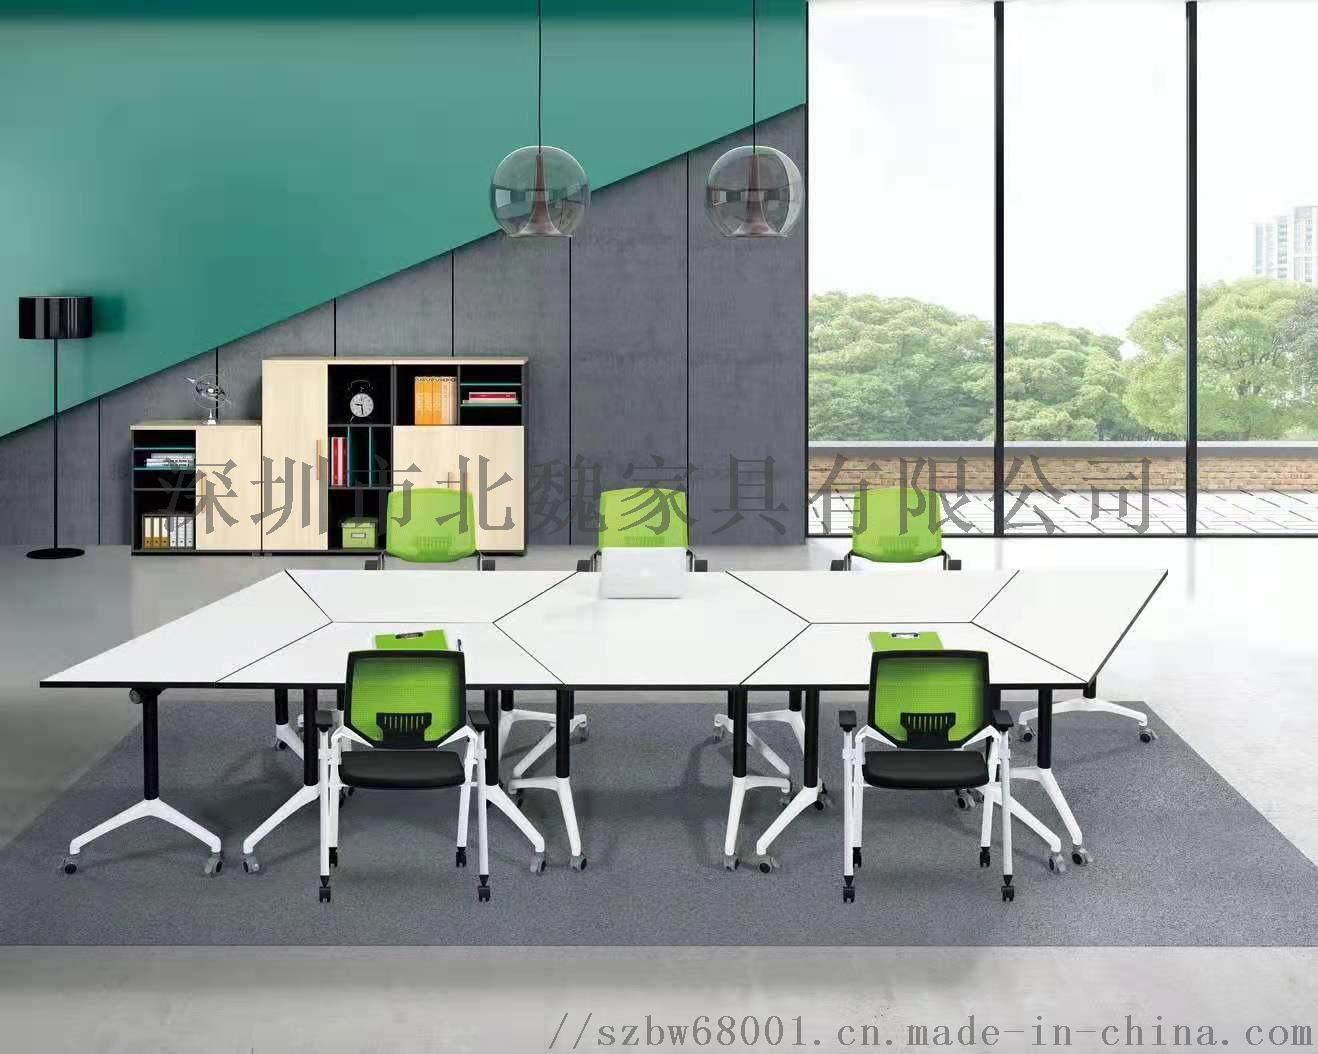 梯形书桌椅拼接梯形培训桌**组合课桌椅876193635